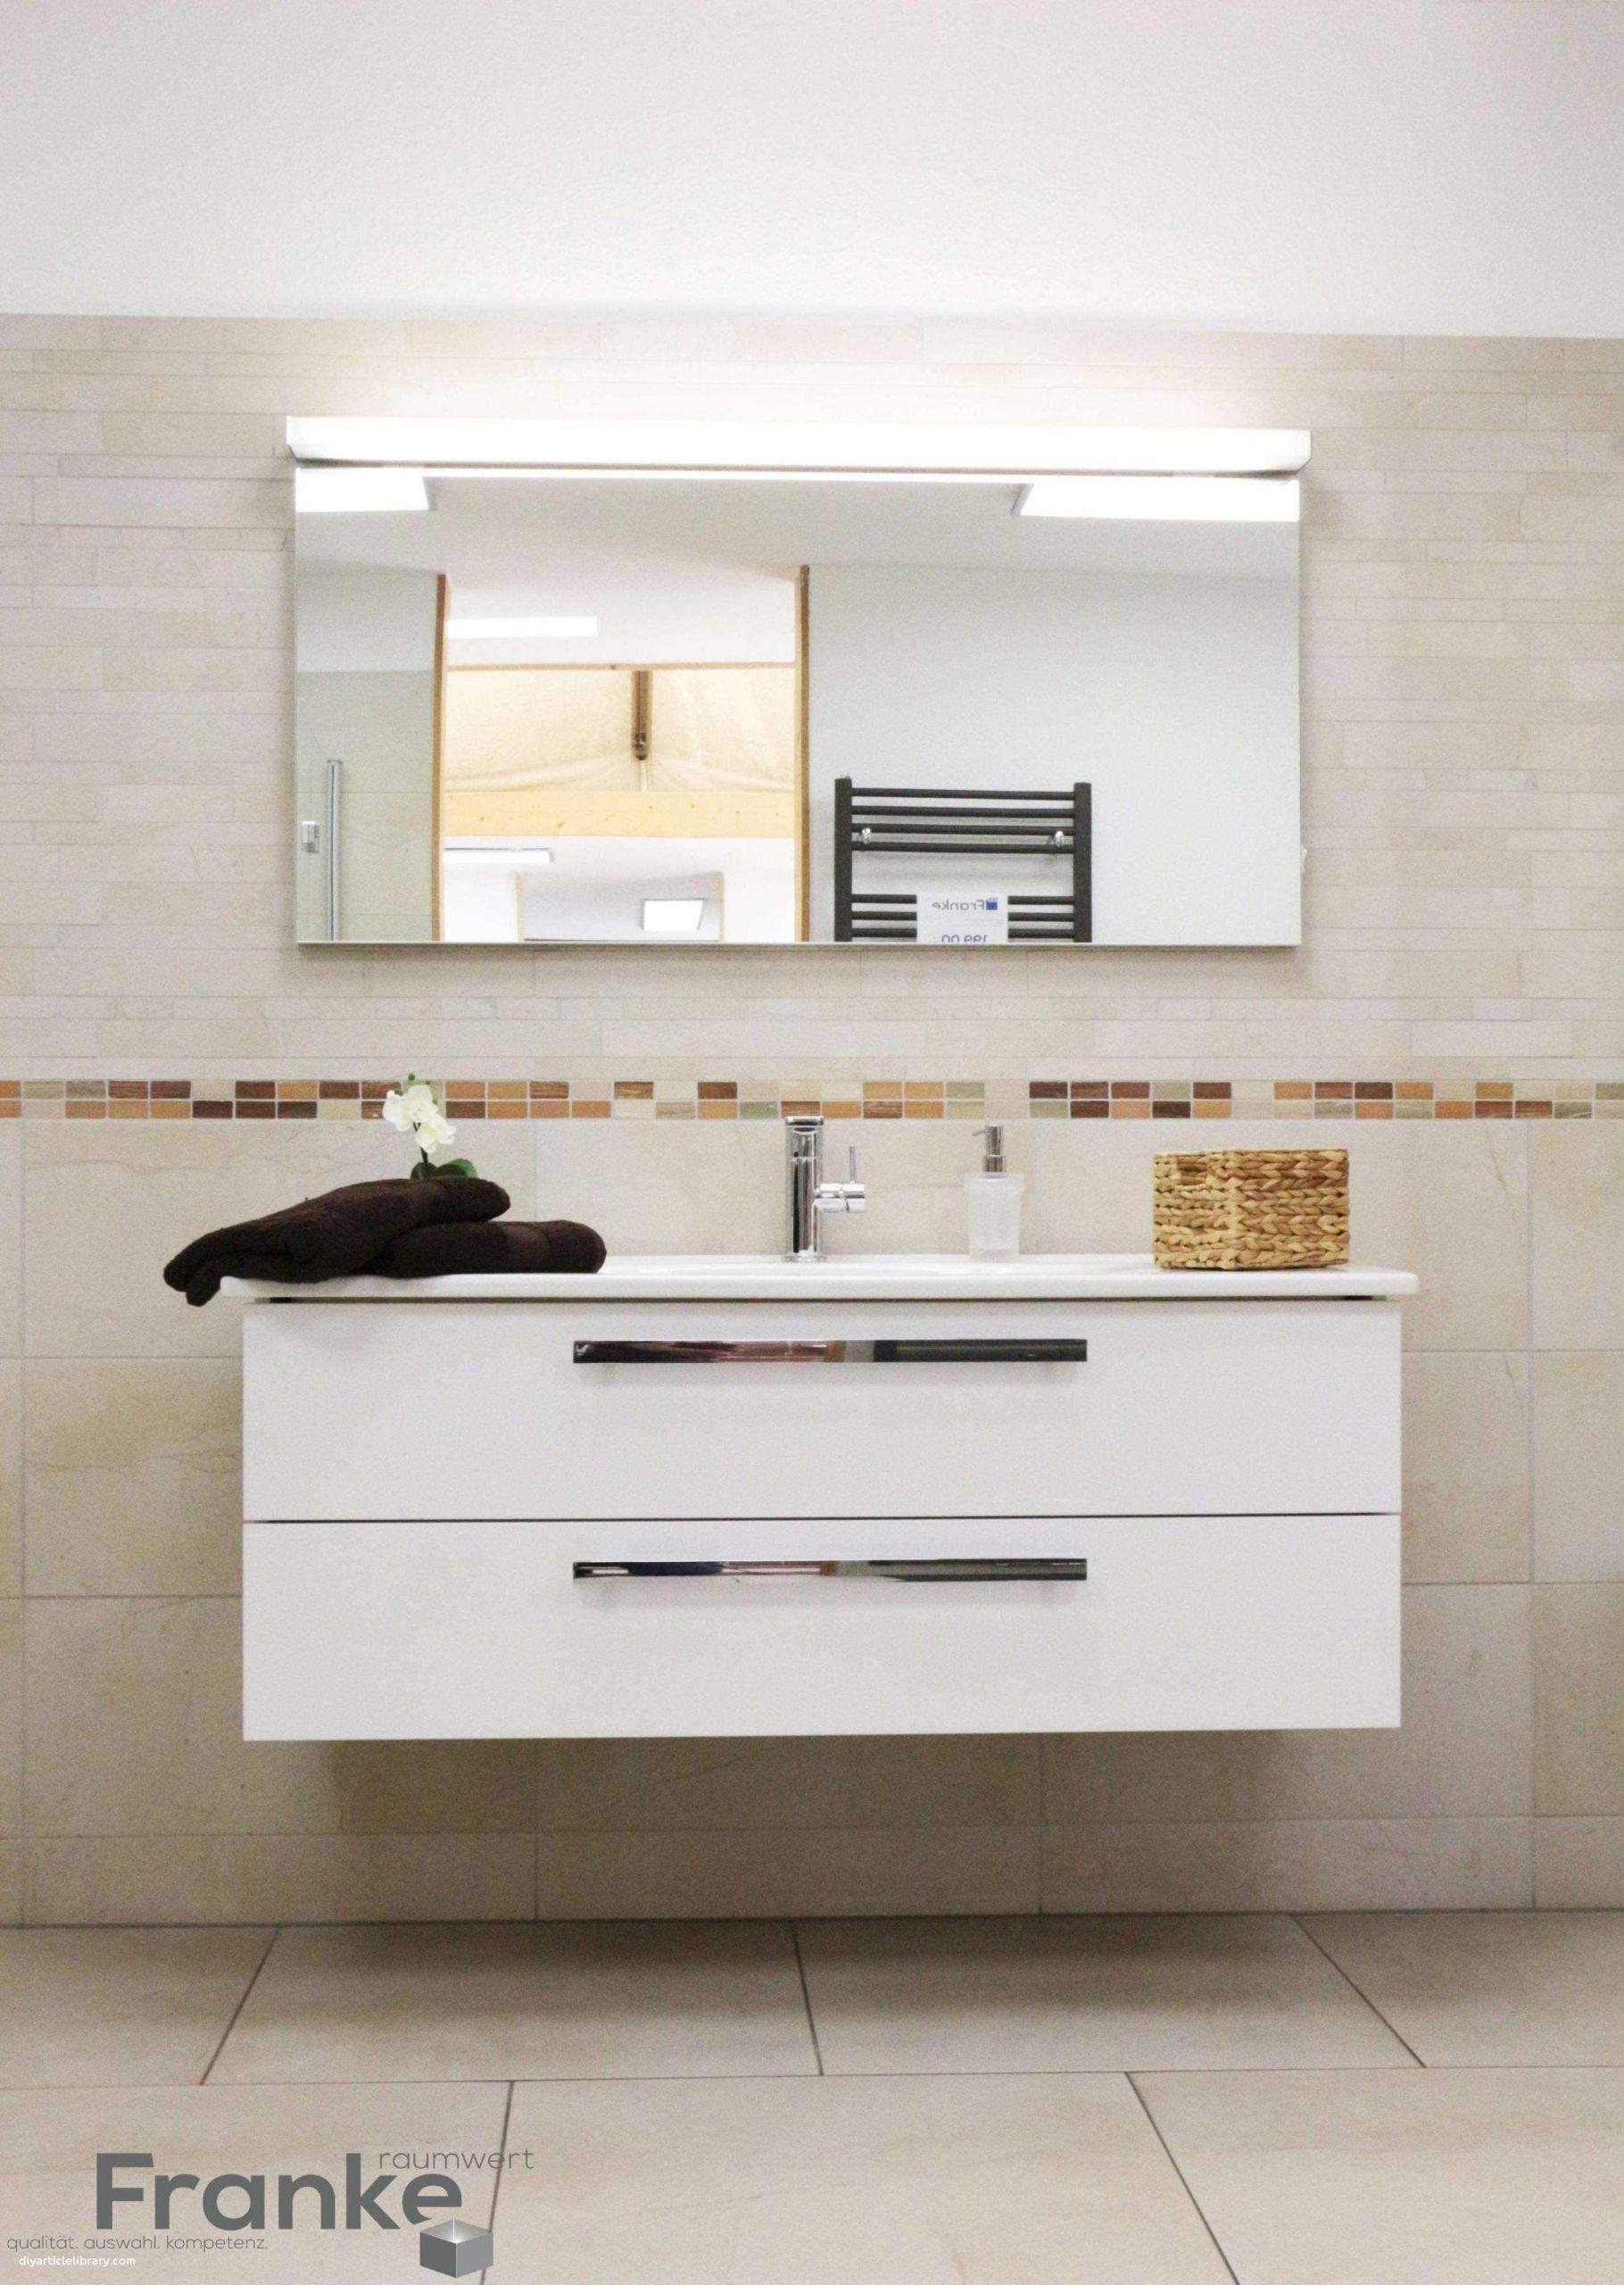 boden wohnzimmer neu pvc boden badezimmer 0d inspiration von fliesen bad ideen of boden wohnzimmer